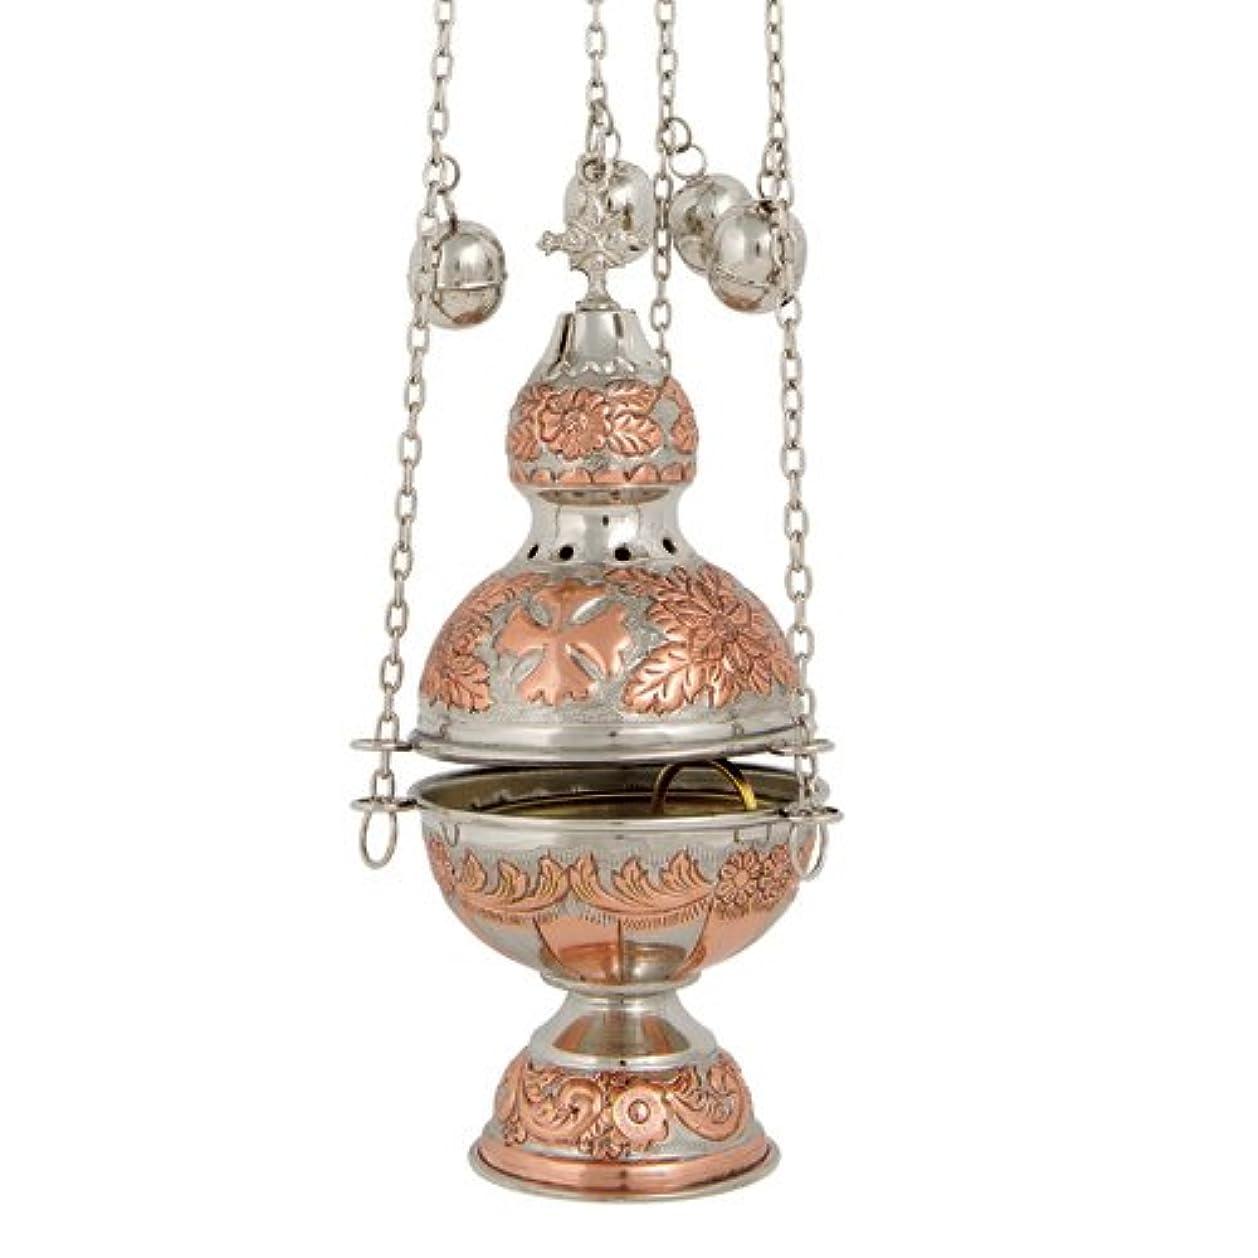 マカダムオンス魅了する銅ニッケルメッキ真鍮Christian教会Thurible香炉香炉( 372 CN )